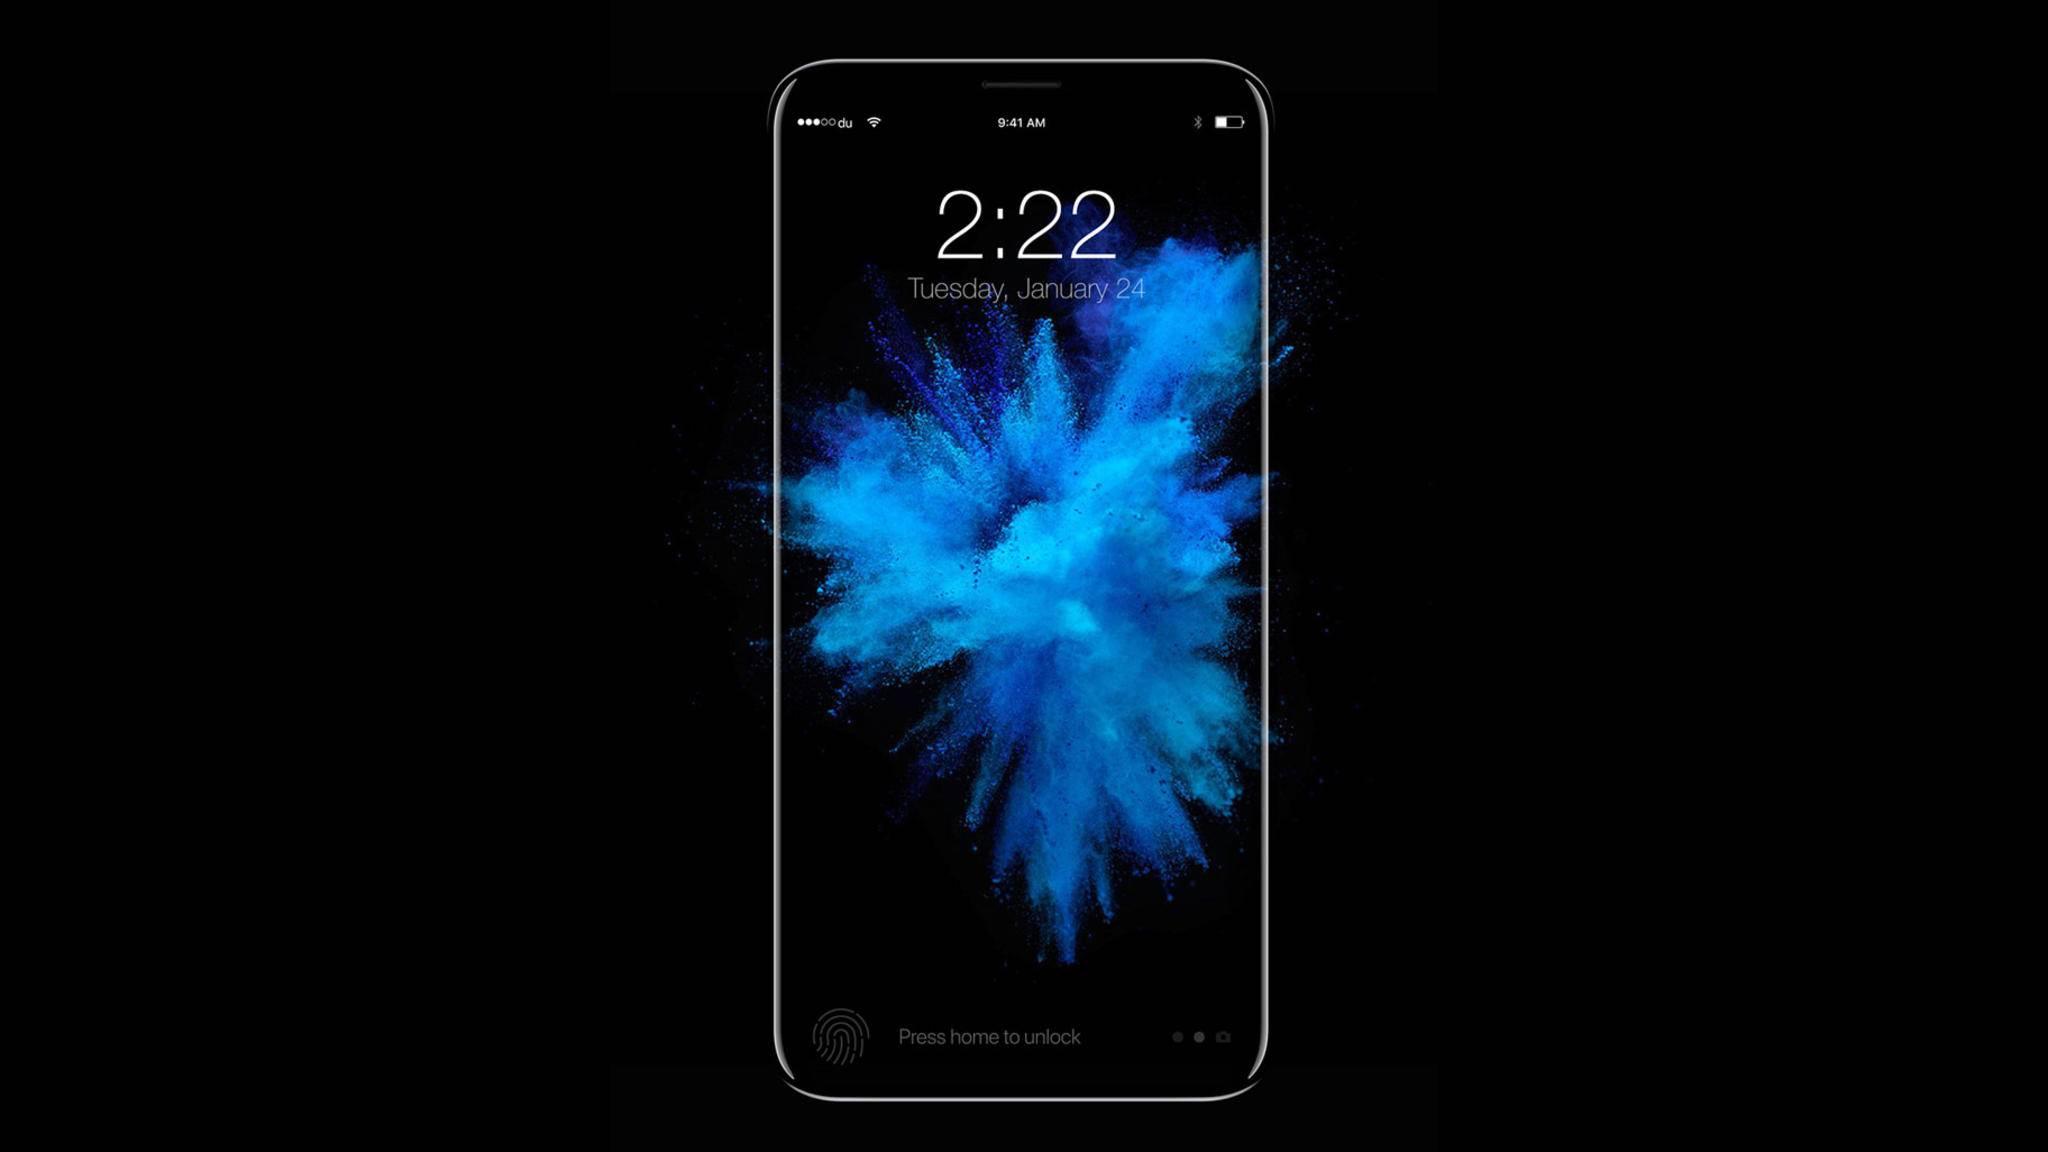 MobileFun führt bereits einen Display-Schutz für das iPhone 8 in seinem Shop.